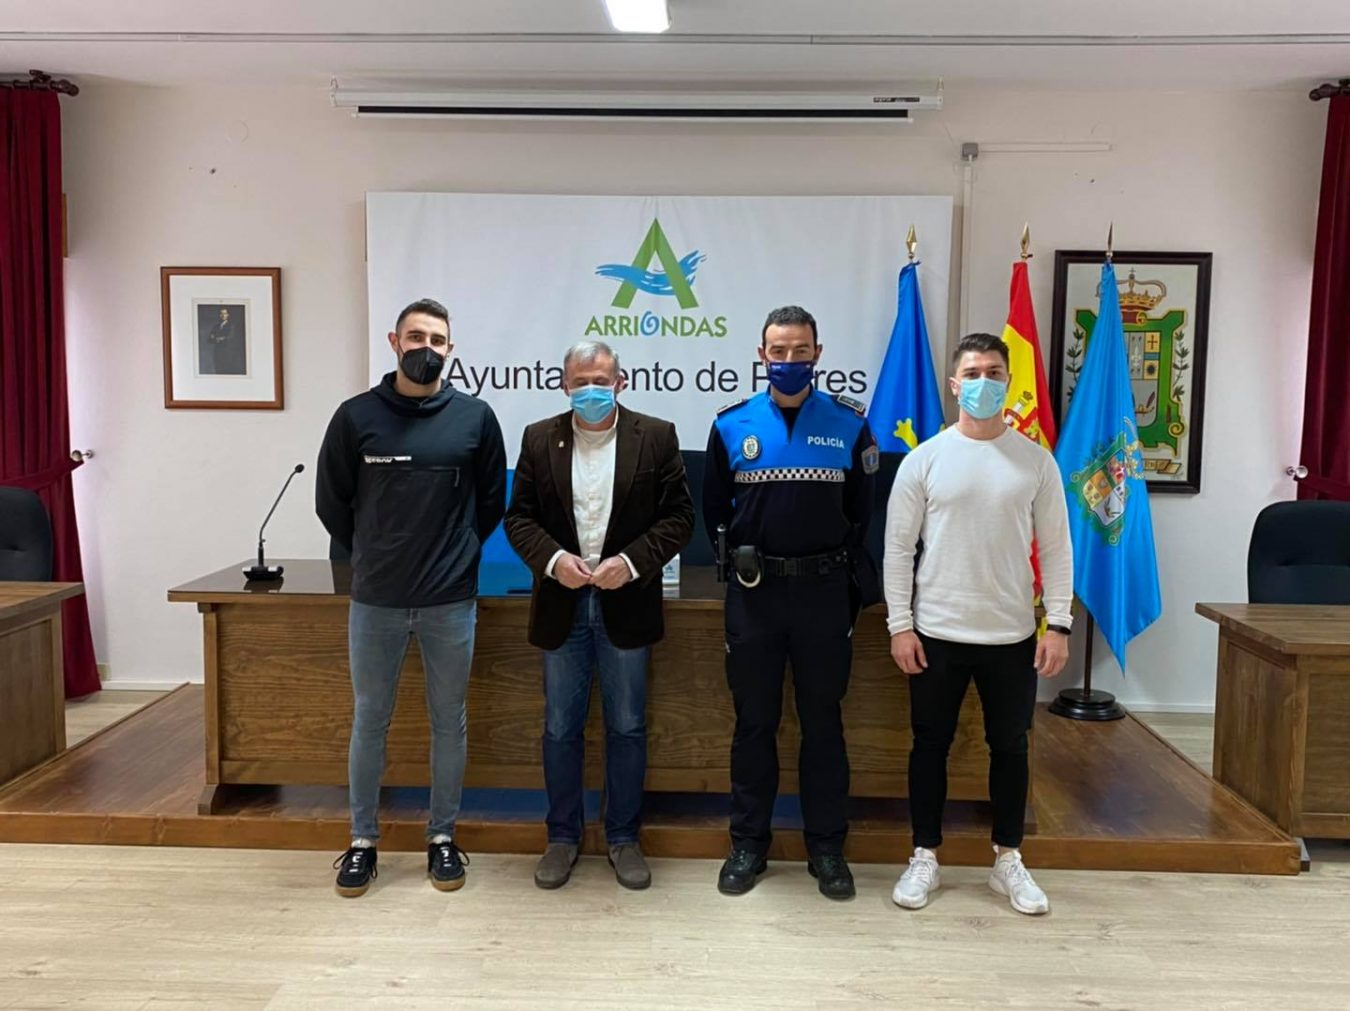 La plantilla de la Policía Local de Parres incorporaba esta semana a dos nuevos agentes